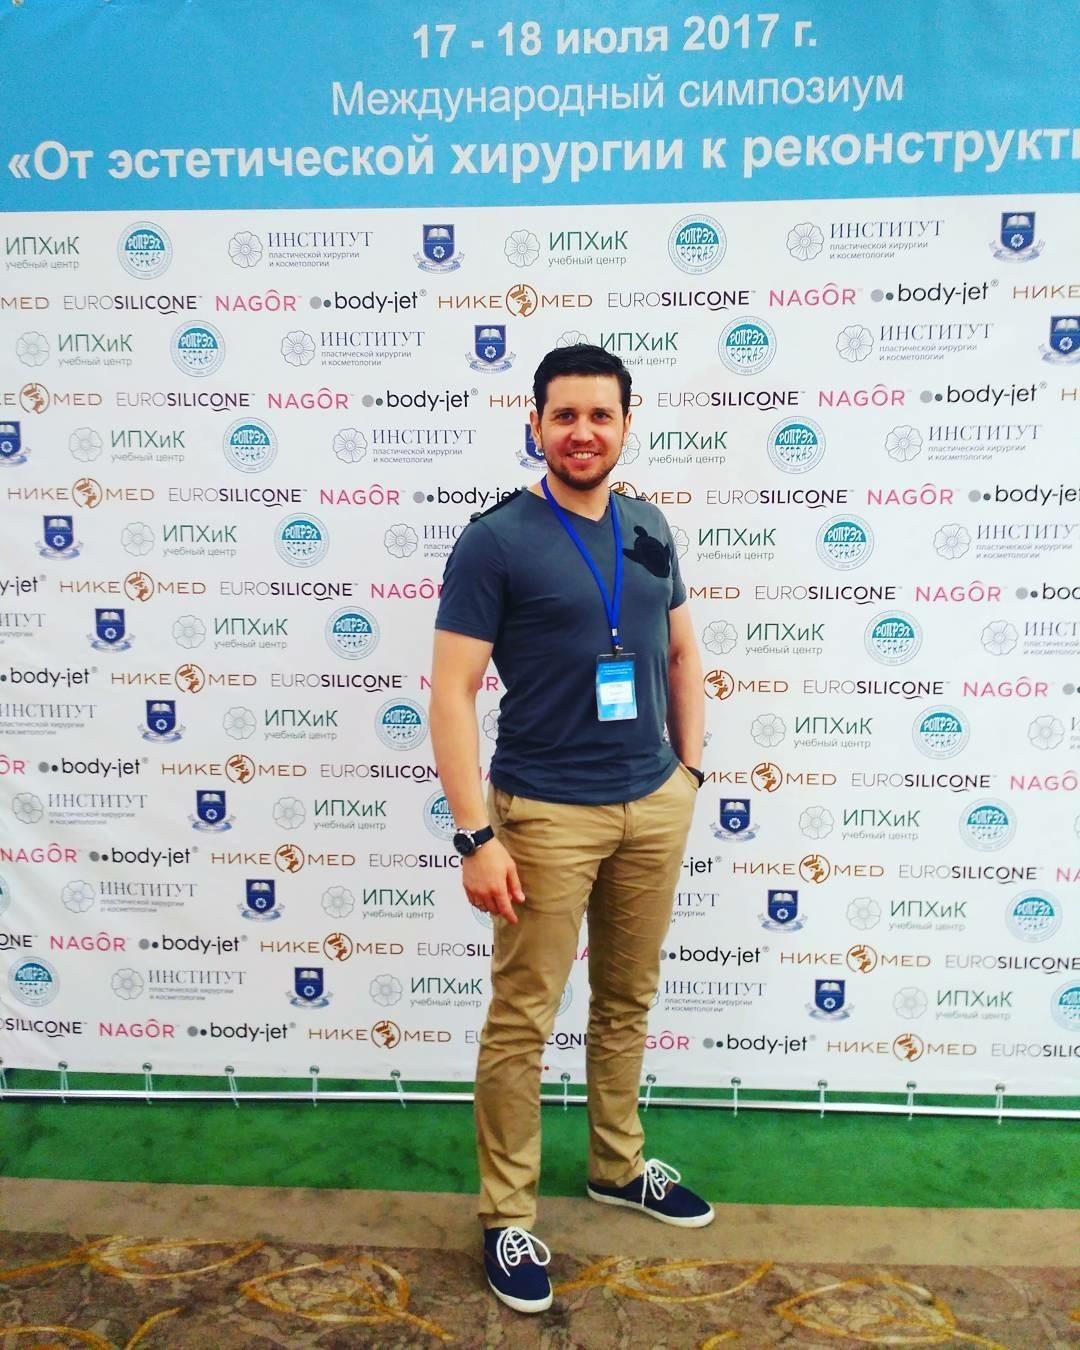 Новости Данила Лупин